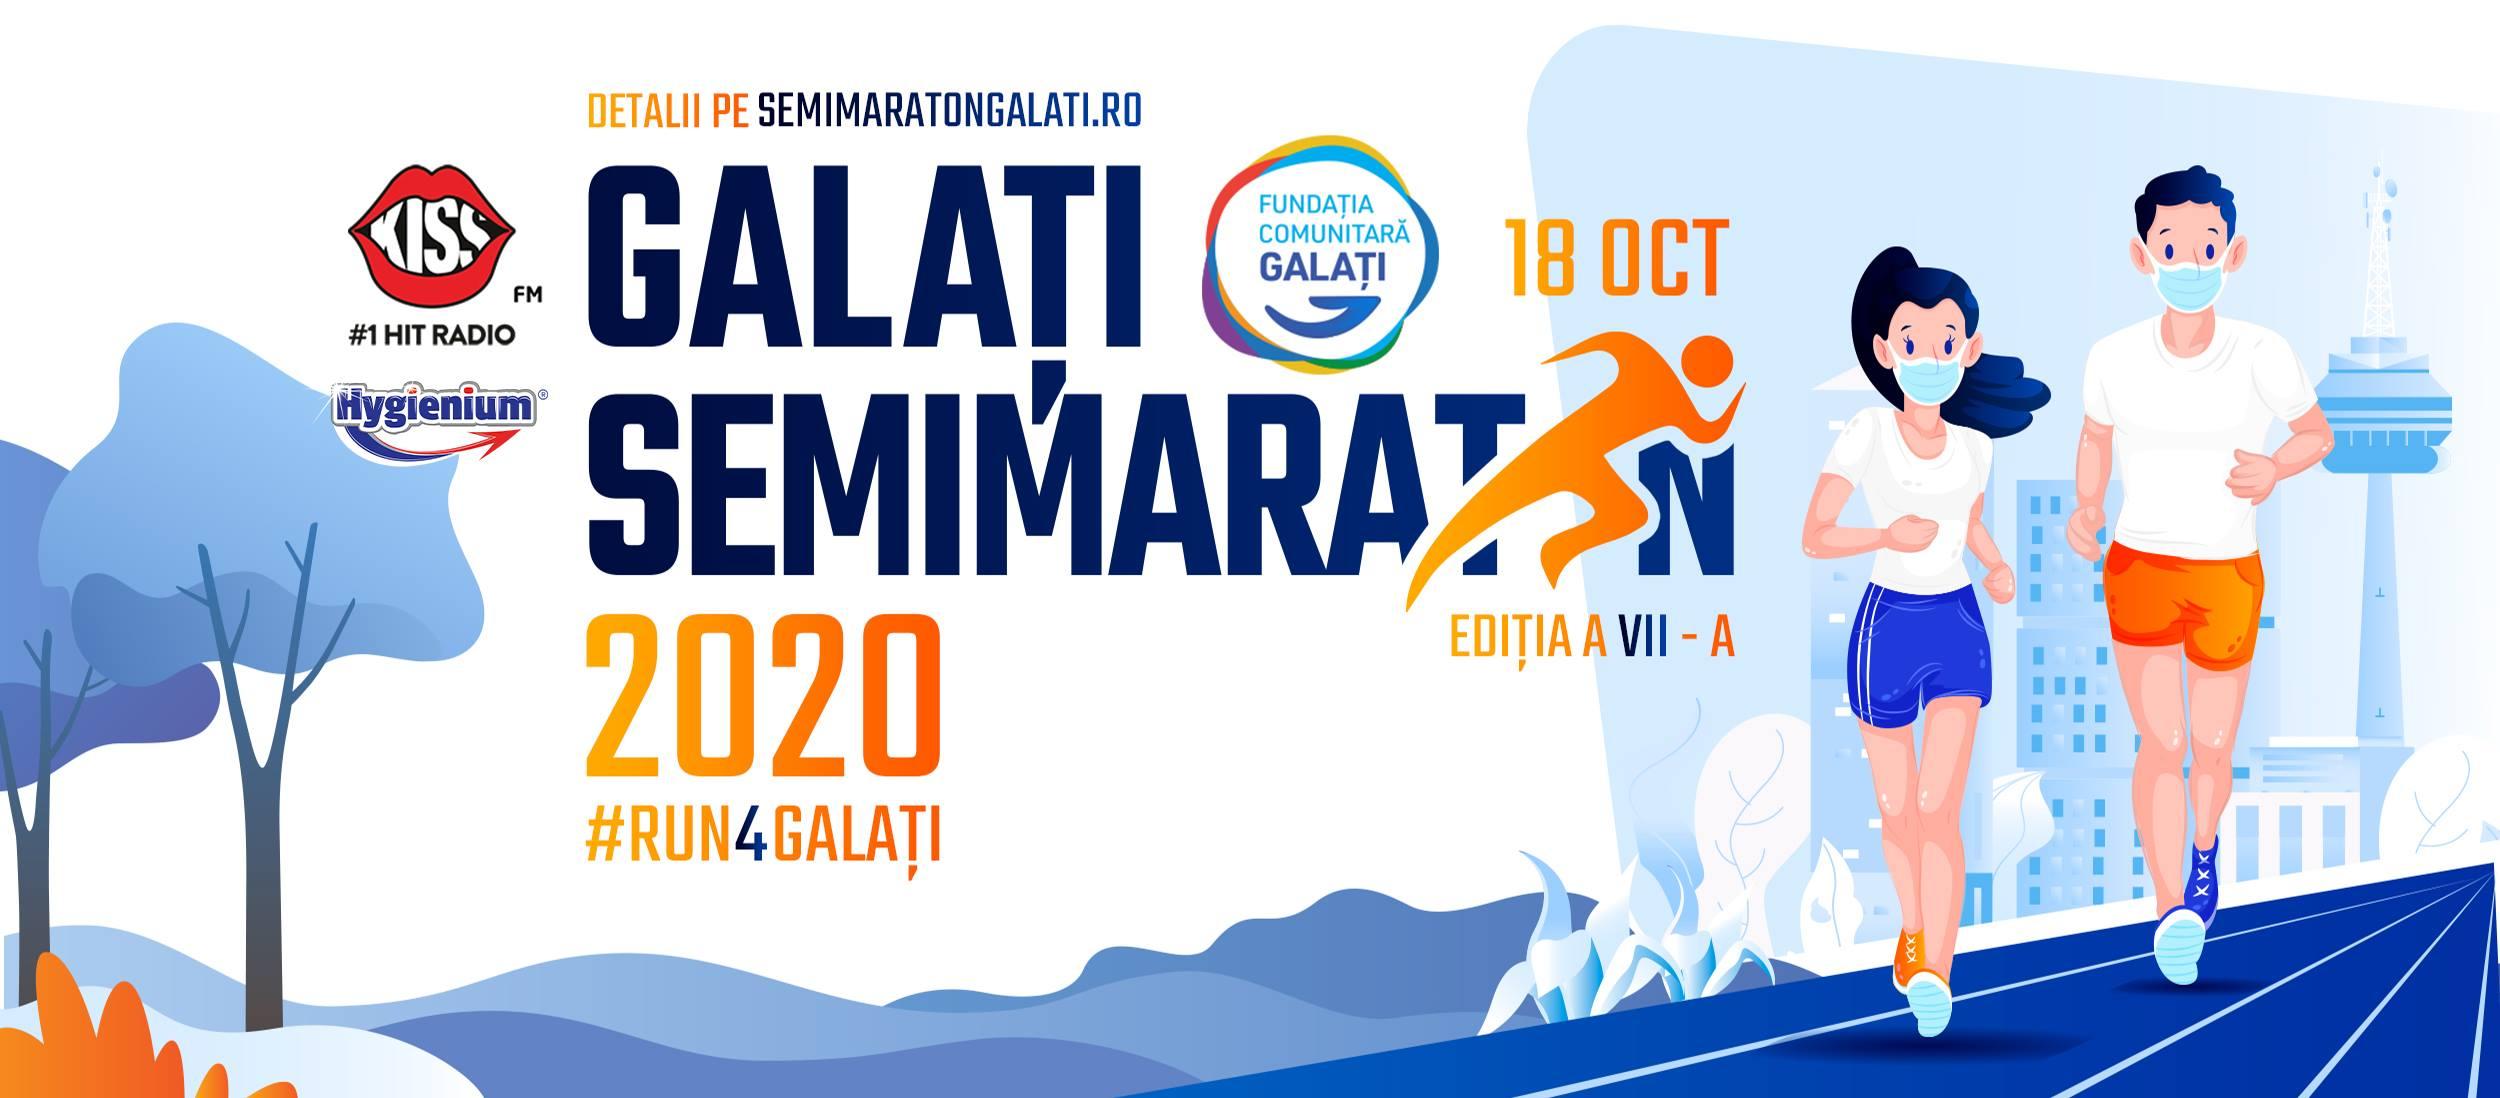 Alergăm pentru o cauză nobilă- Semimaraton Galați 2020